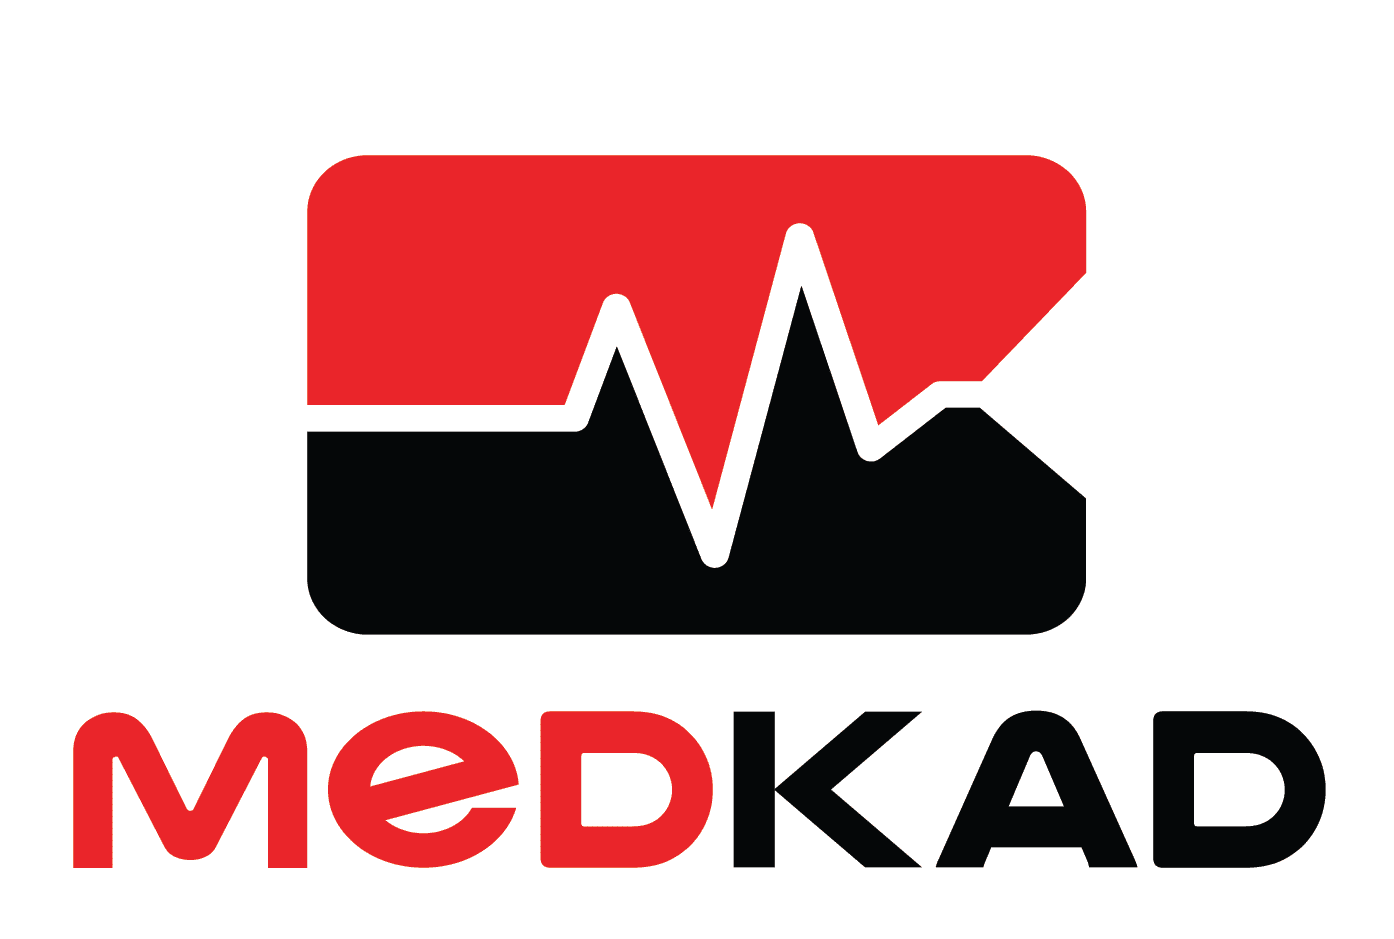 medkad logo